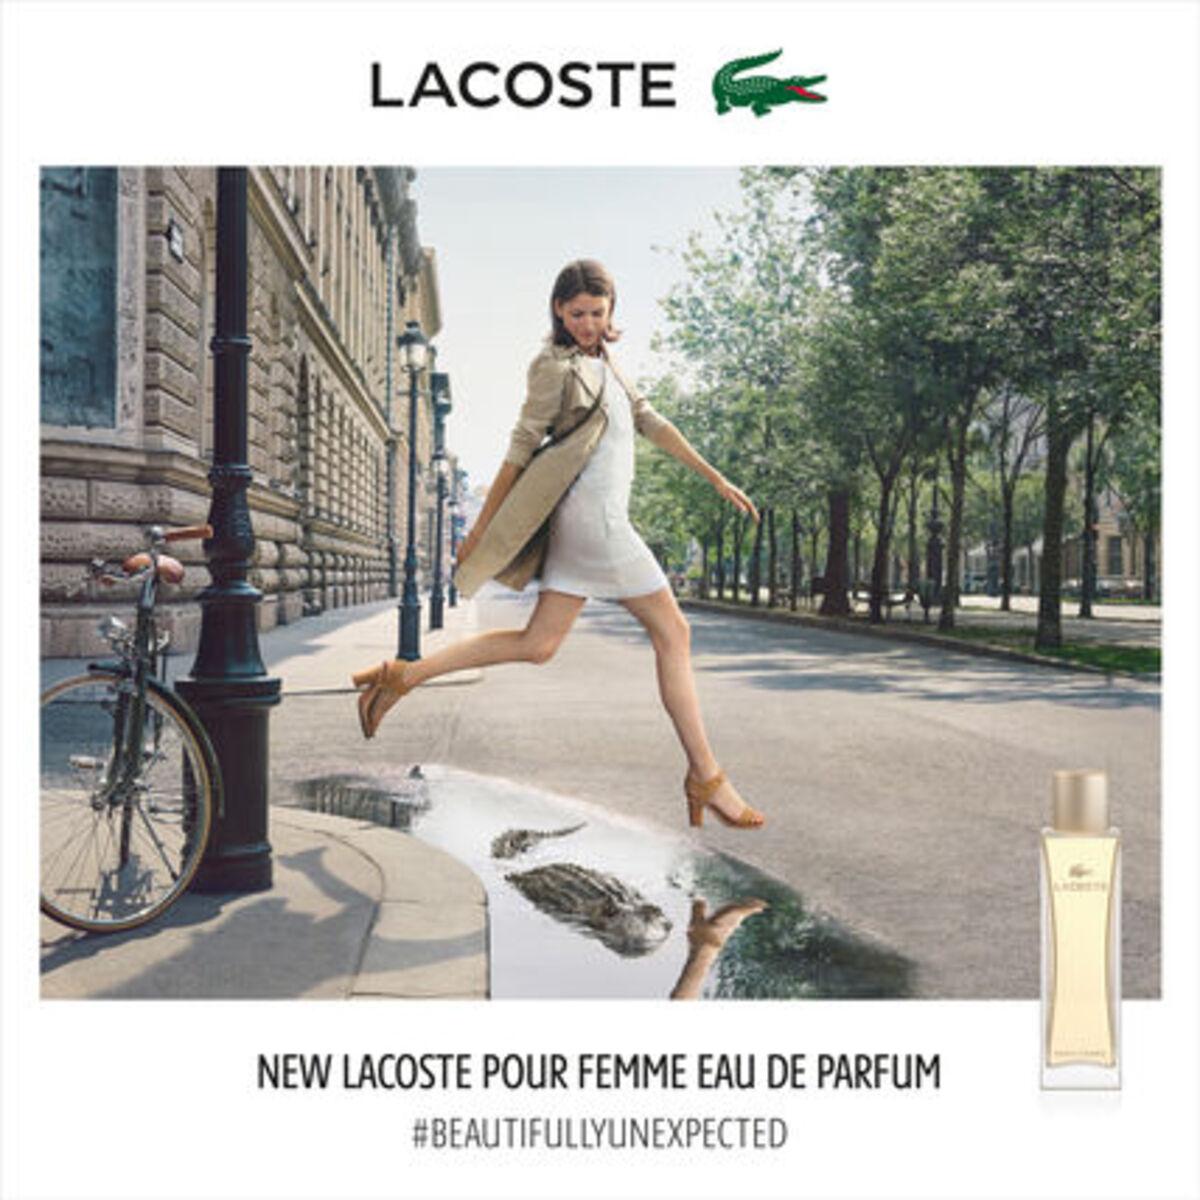 Bild 4 von Lacoste Pour Femme, Eau de Parfum, 90 ml